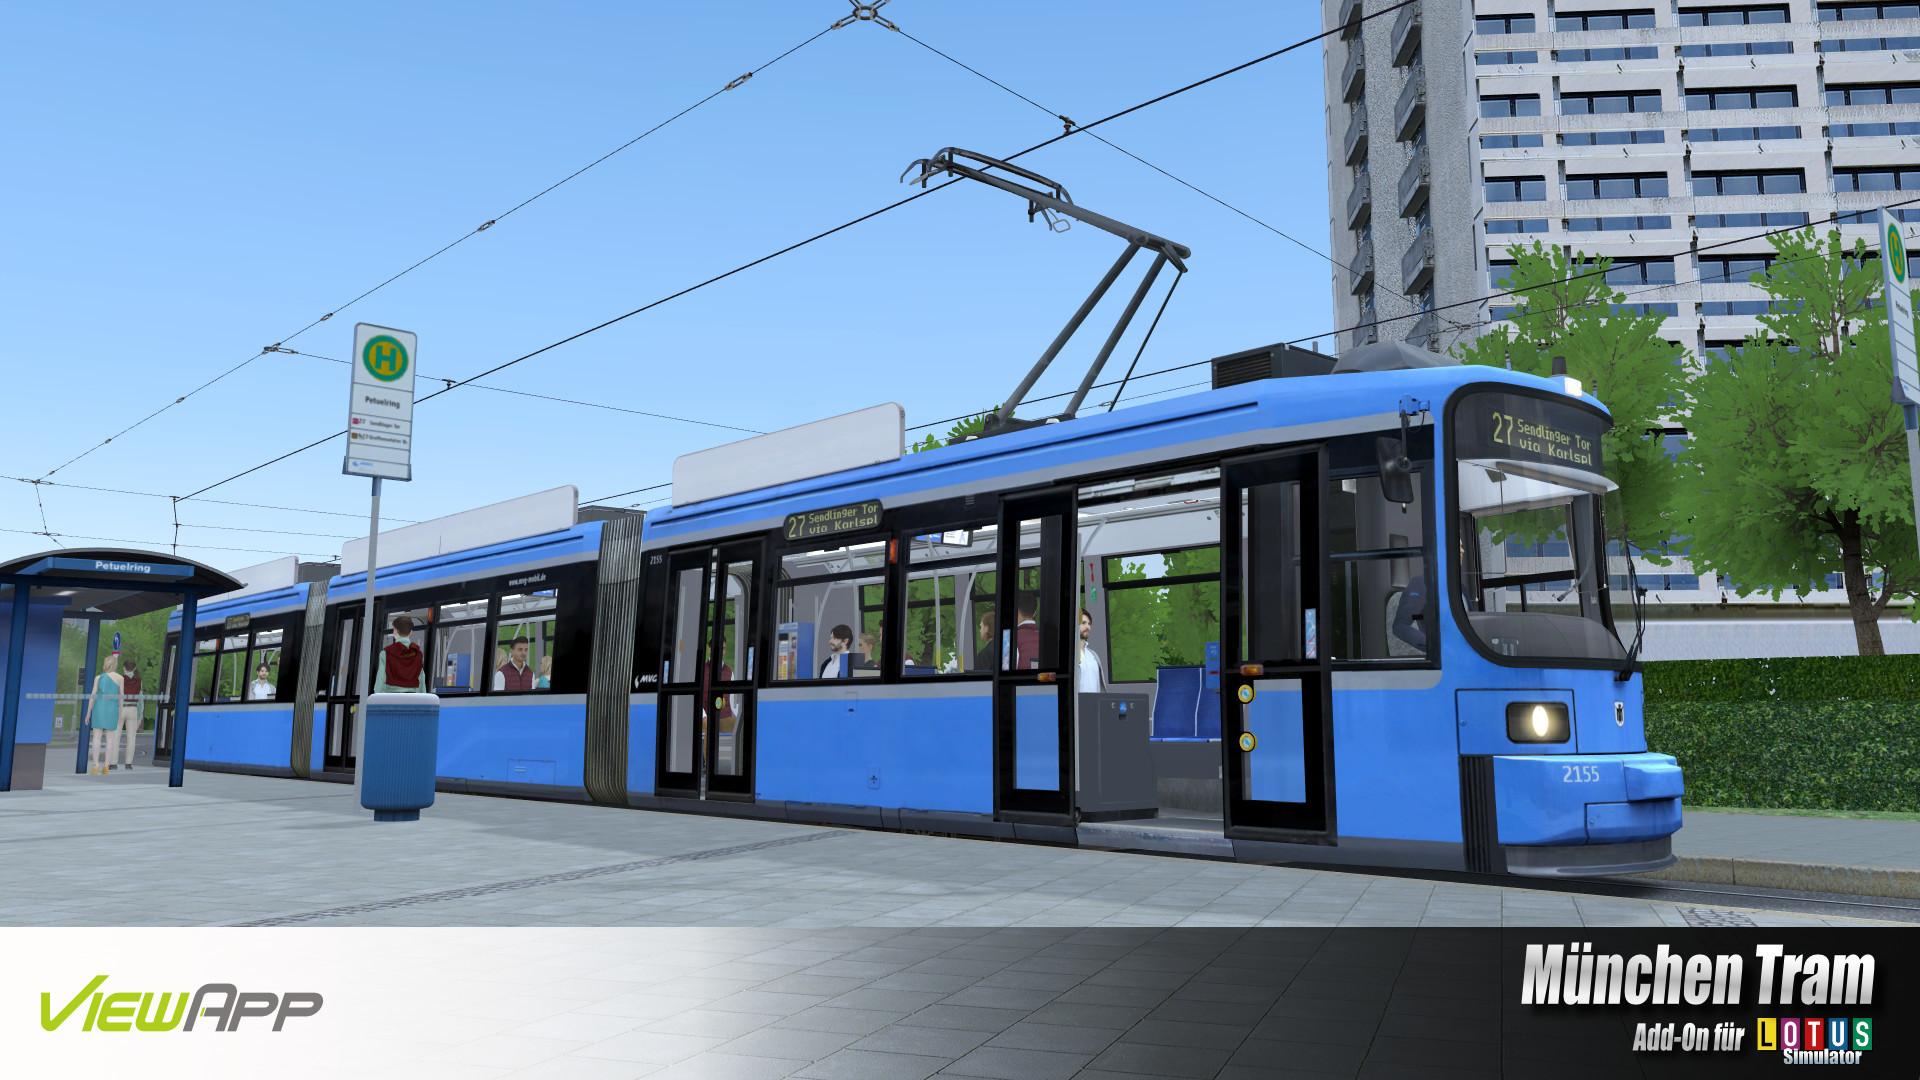 LOTUS-Simulator: München Tram screenshot